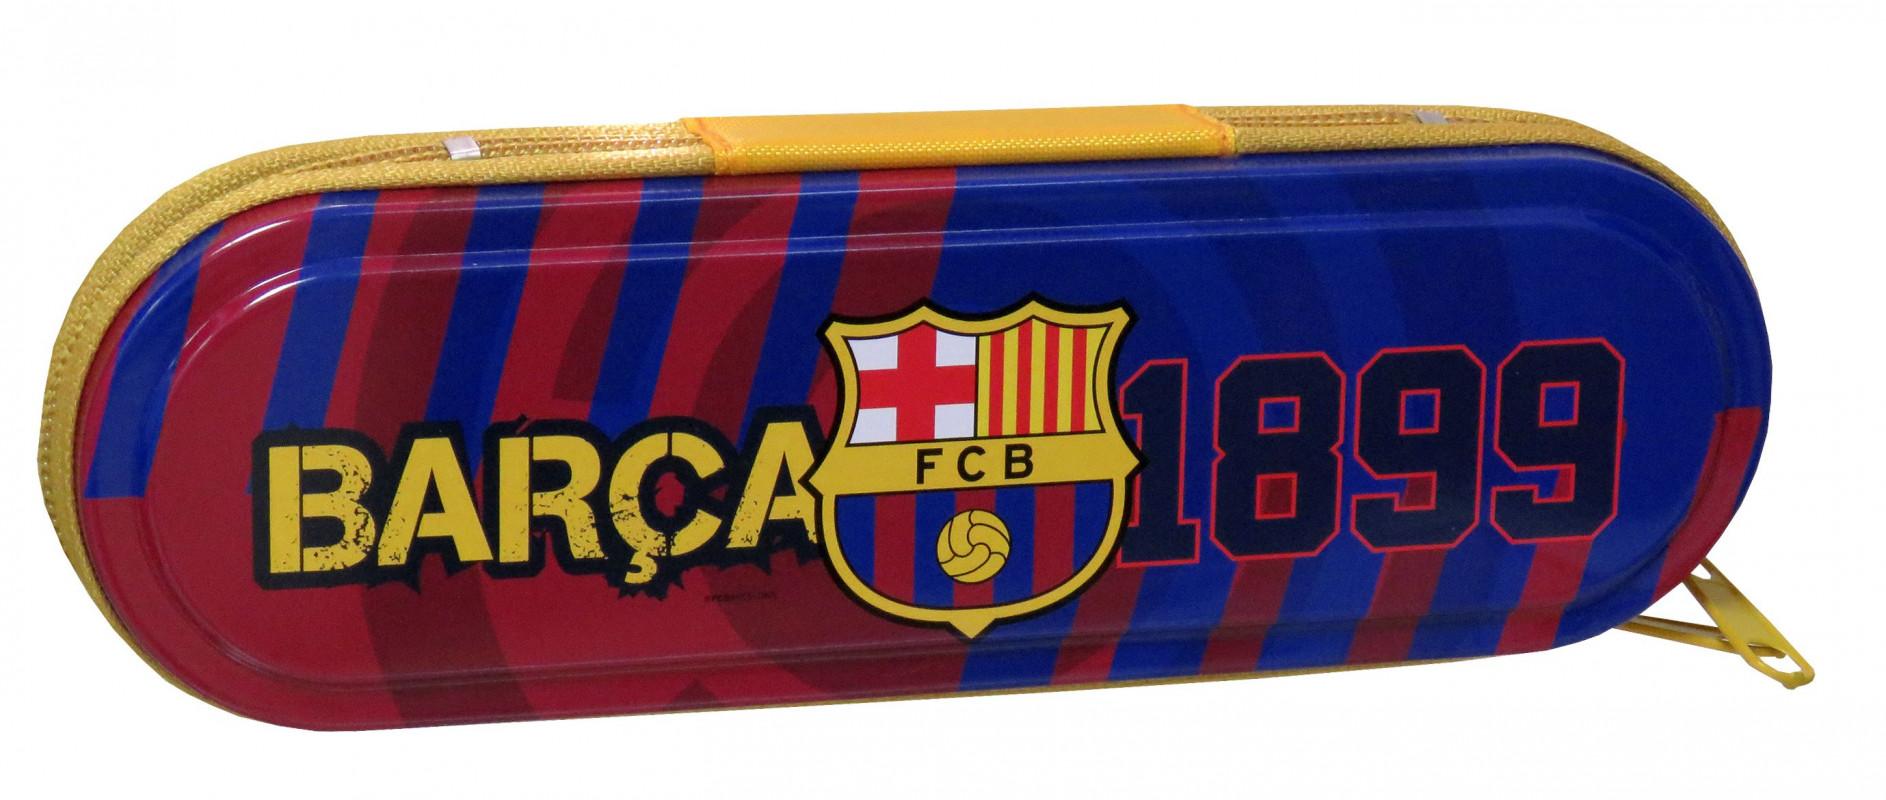 Penál / pouzdro FC Barcelona 1899